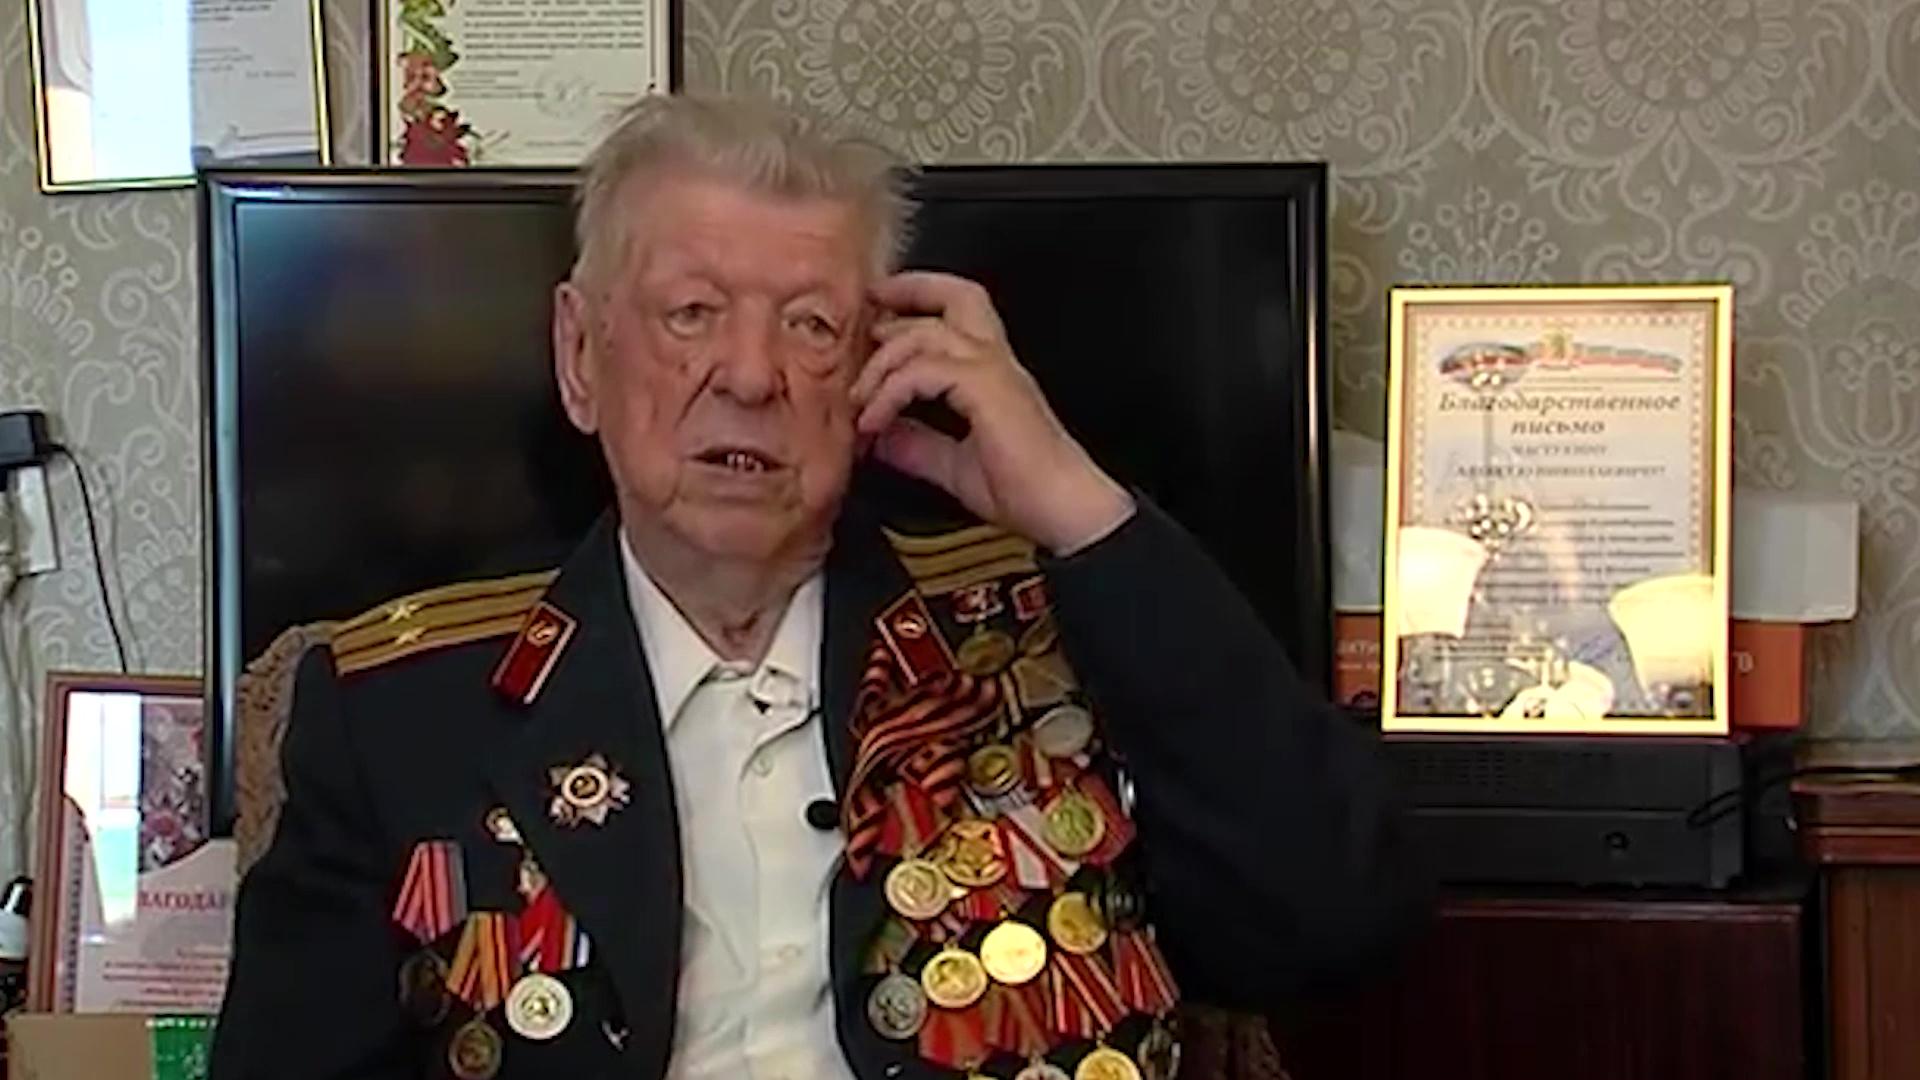 Ветеран Алексей Частухин поделился воспоминаниями о Великой Отечественной войне